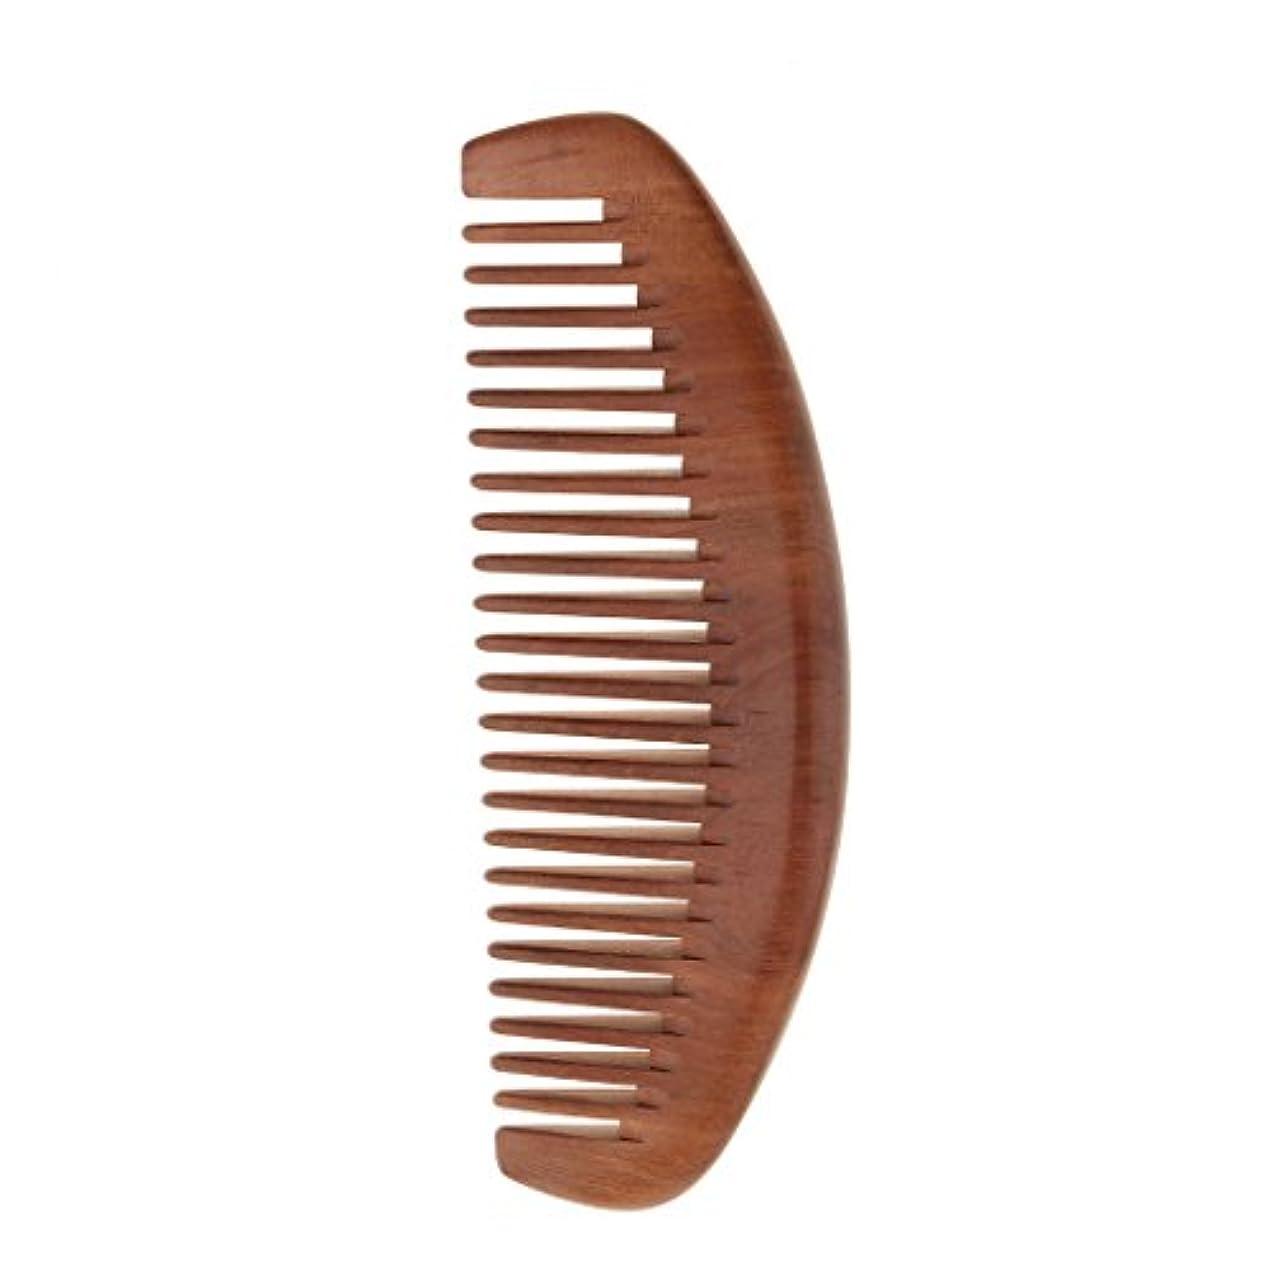 オフェンスメンテナンス貝殻櫛 セットコーム 木製 ヘアコーム ヘアケア 頭皮マッサージ 静電気防止 桃の木 全2種類 - ワイド歯